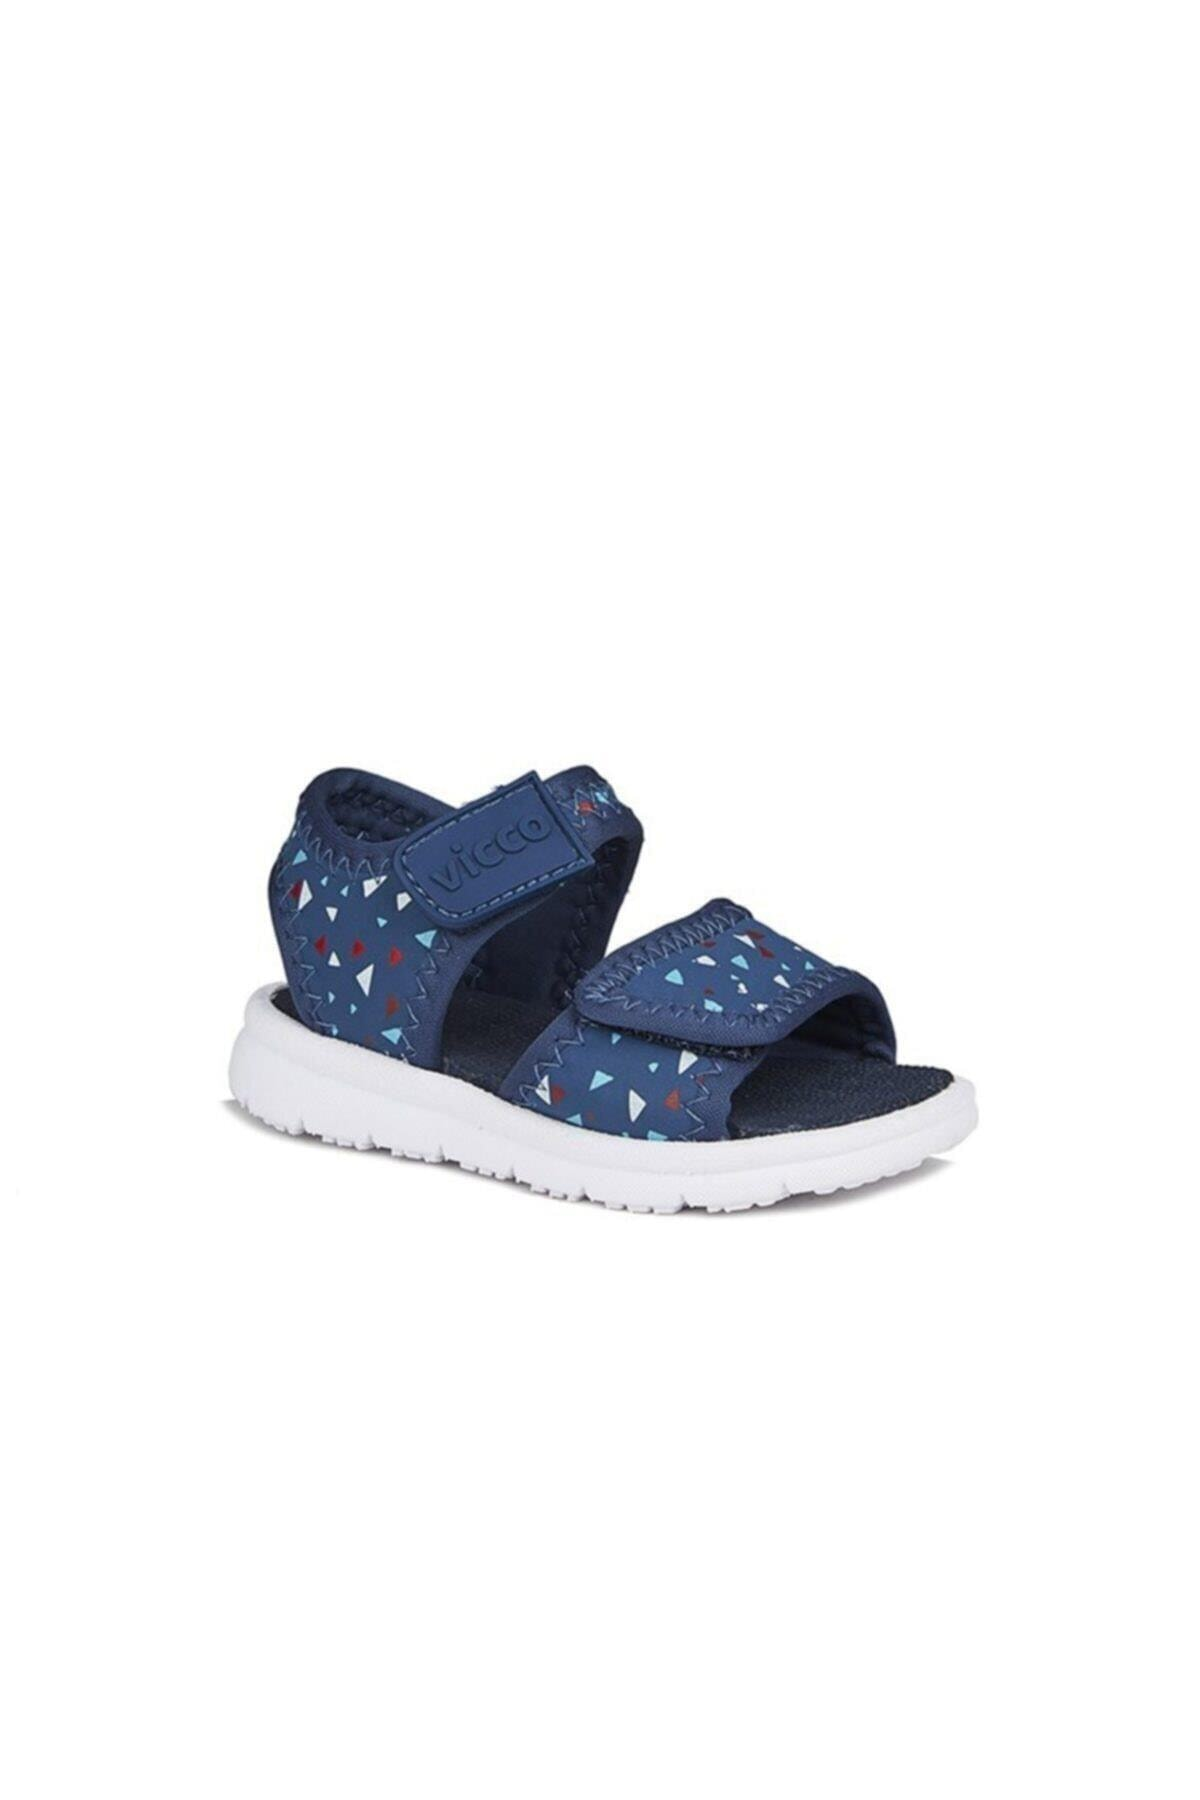 Vicco Limbo Sandalet Lacivert 1